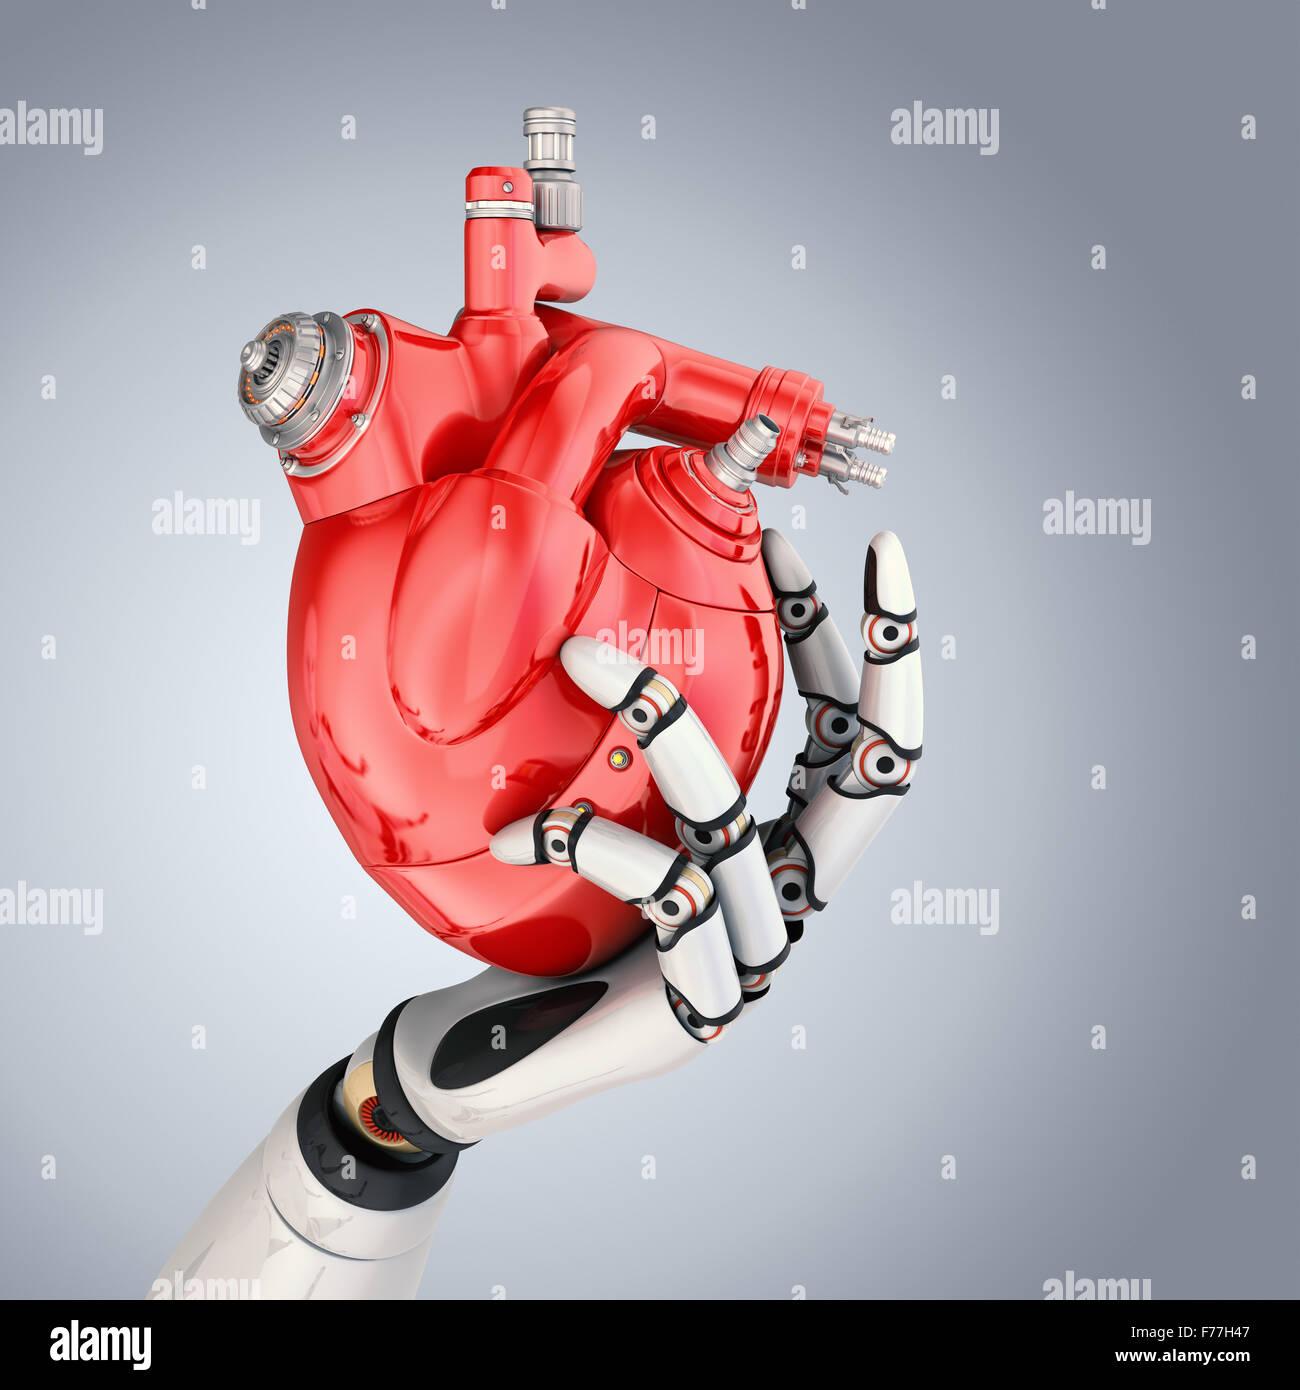 Corazón mecánico robots en la mano. Trazado de recorte incluido Imagen De Stock